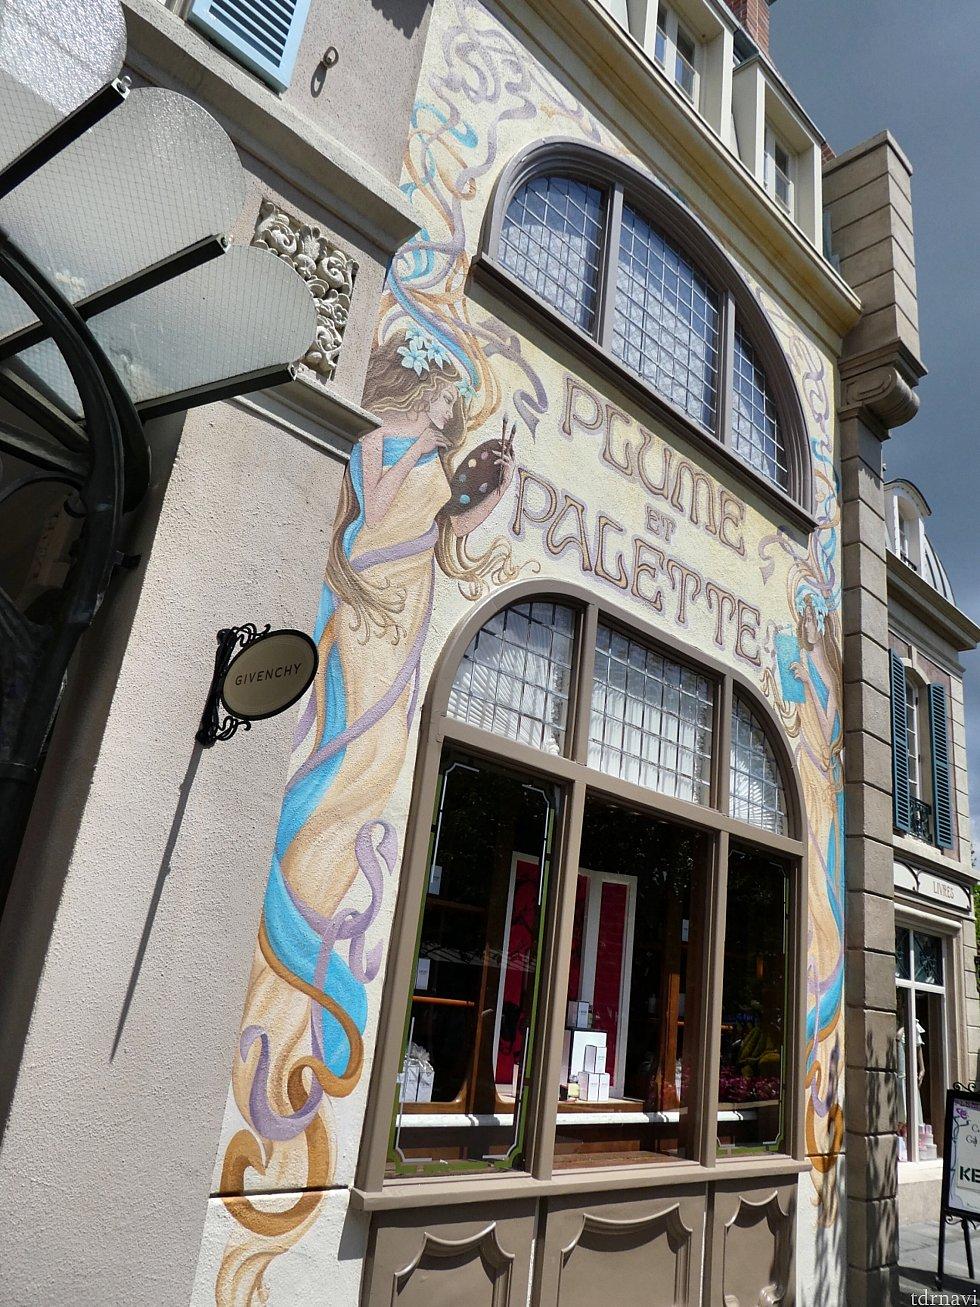 フランス製の香水や化粧品のお店。 デパートの化粧品売り場のようなブランドが並んでいました。